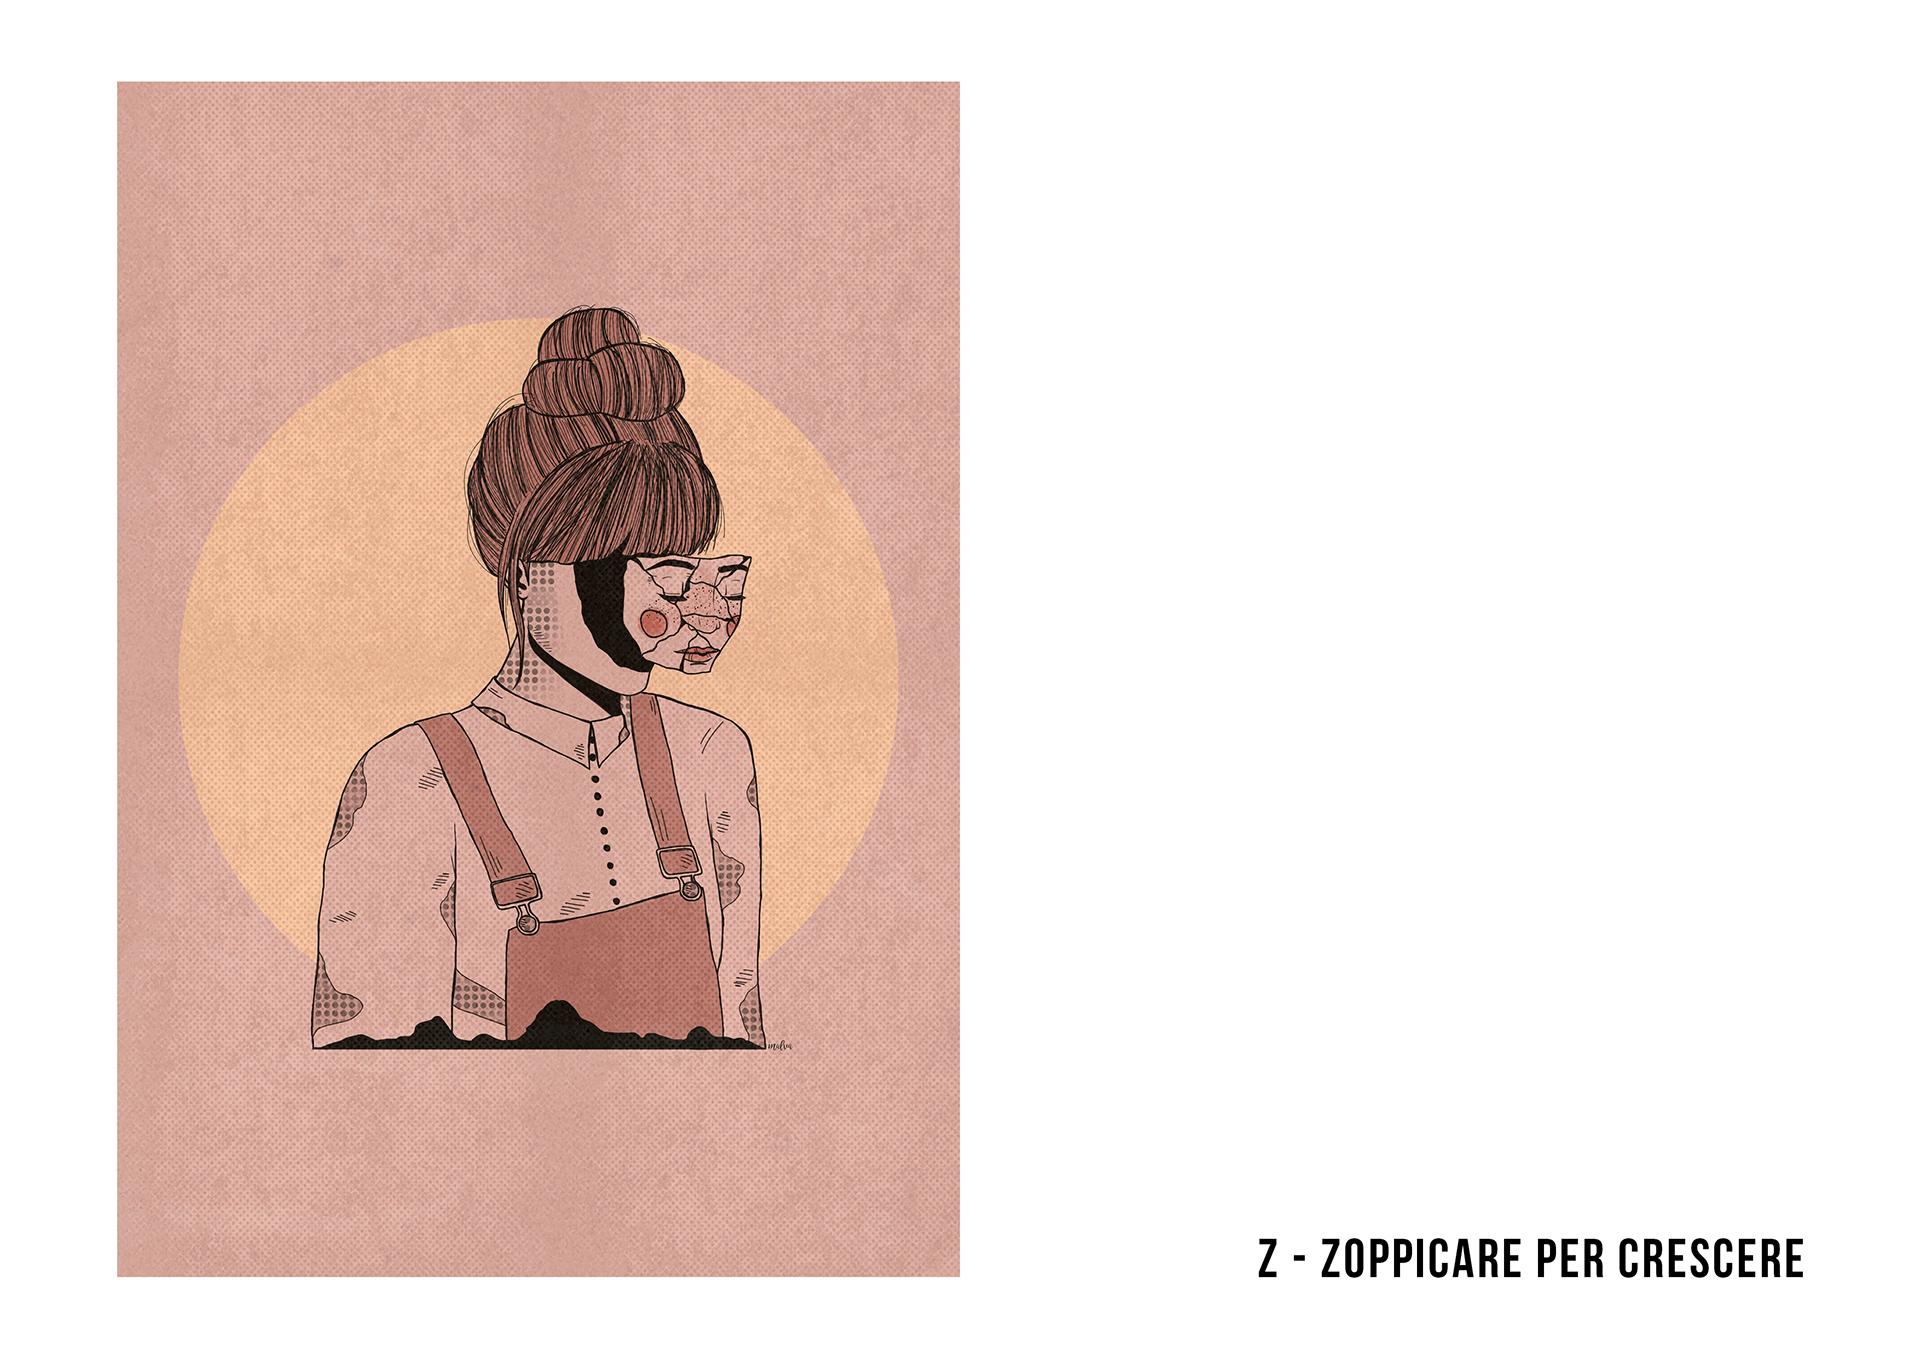 abbecedario illustrato viaggi solitaria francone 21